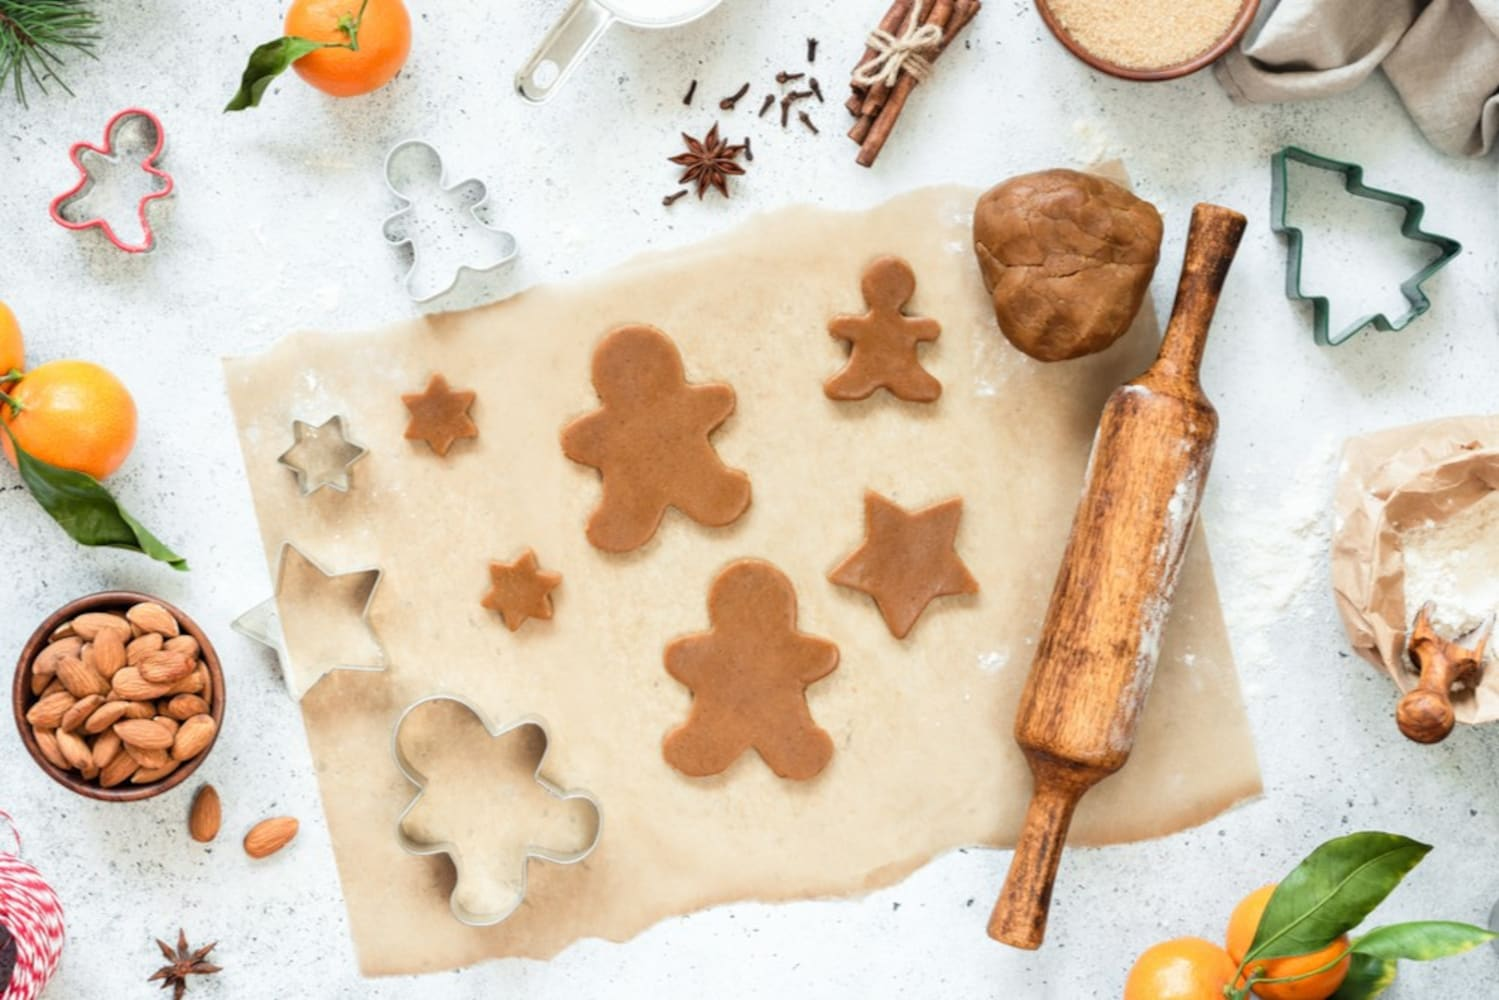 クッキーを上手に作るポイント